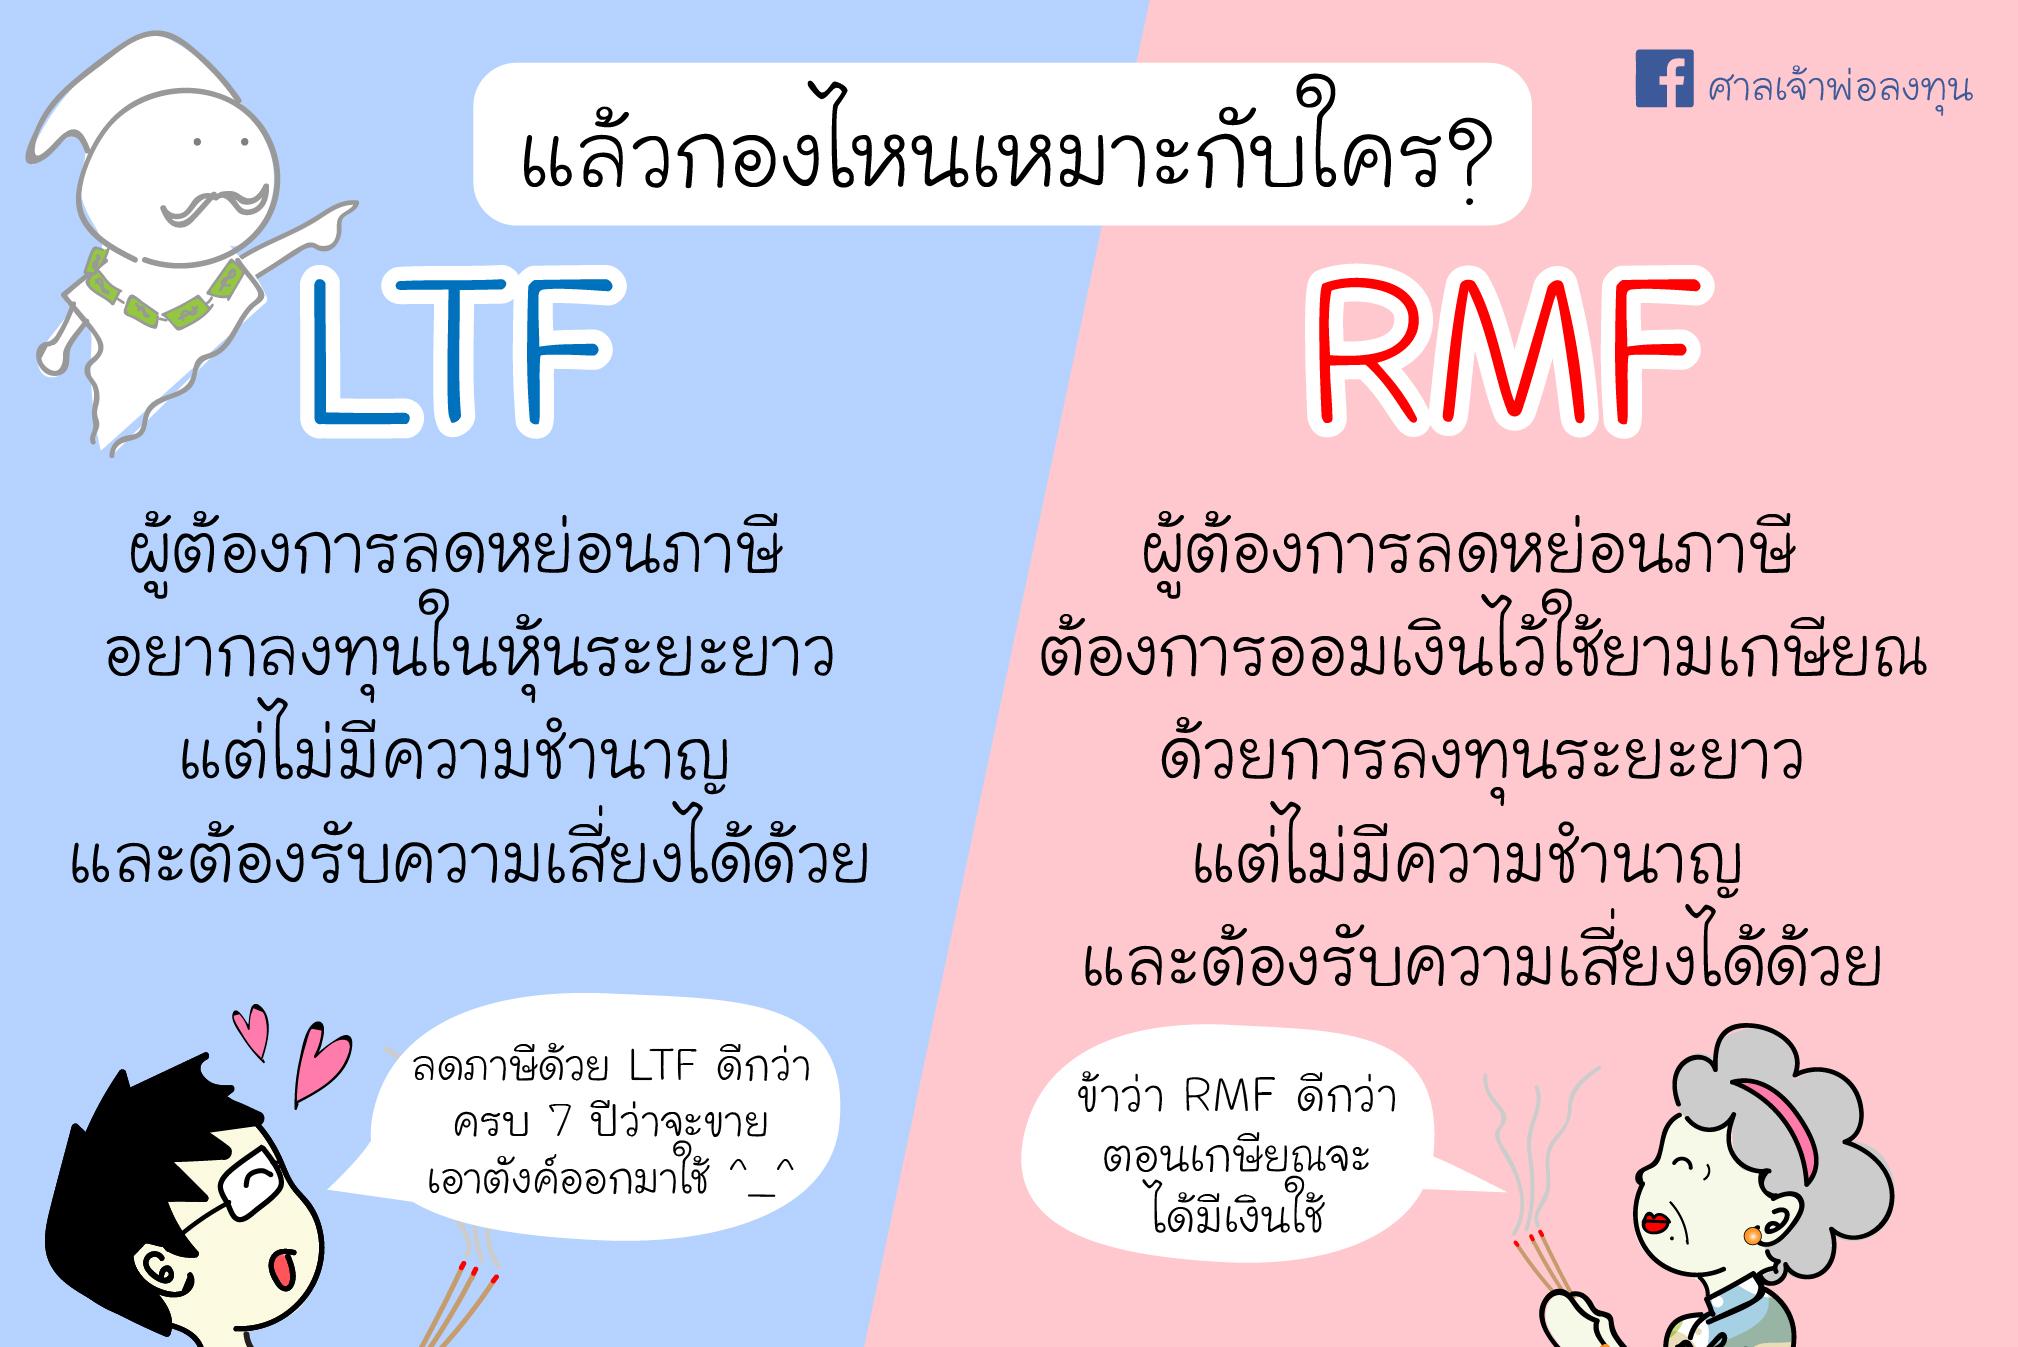 ศาลเจ้าพ่อลงทุน - LTF vs RMF-08